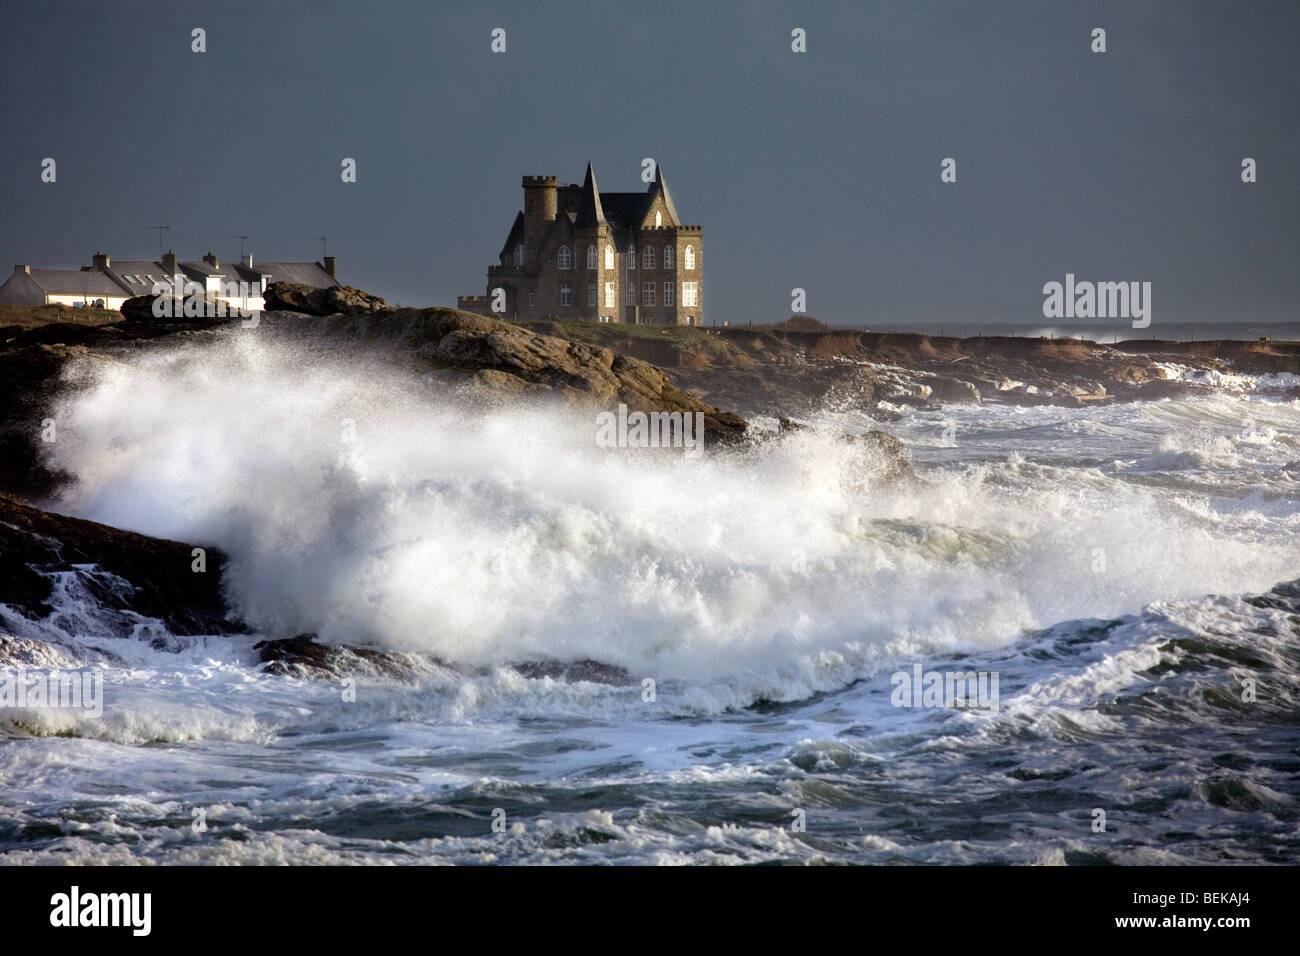 Rencontre 2cv Bretagne – joachim-sturm.de